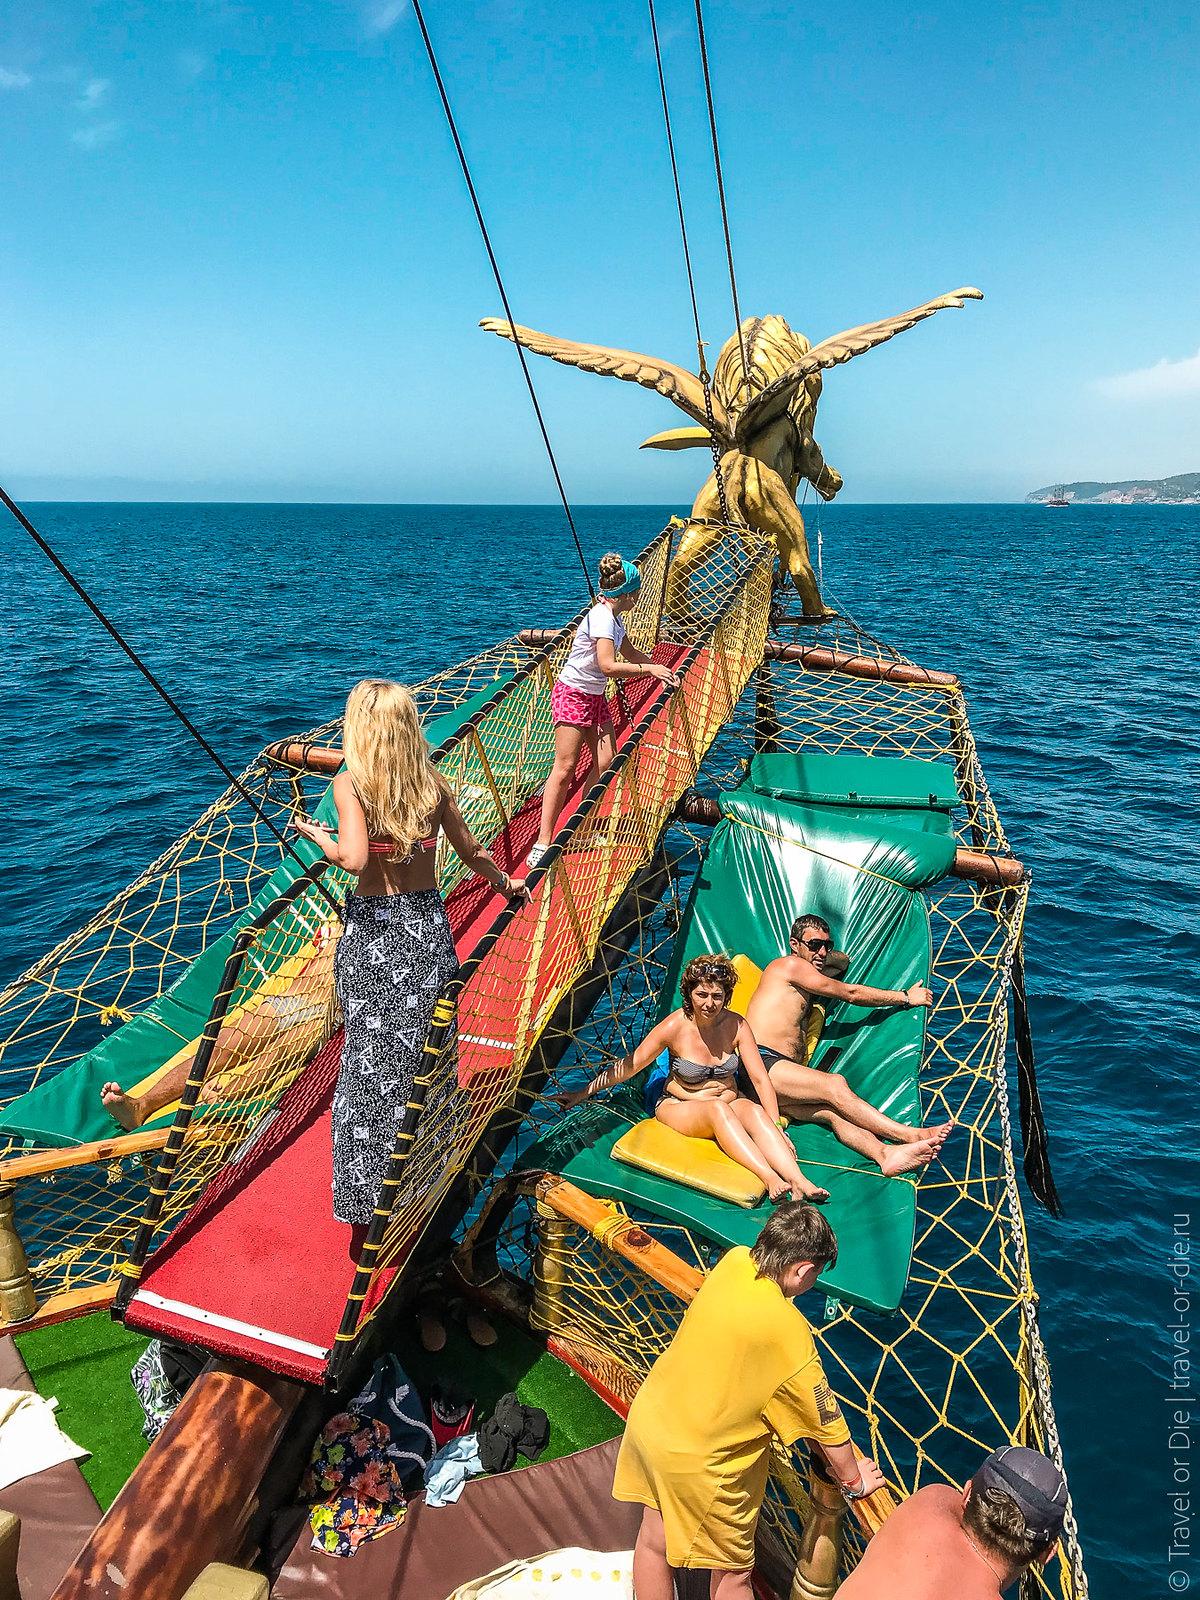 Pirate-Yacht-Alanya-Прогулка-на-пиратской-яхте-в-Алании-7163